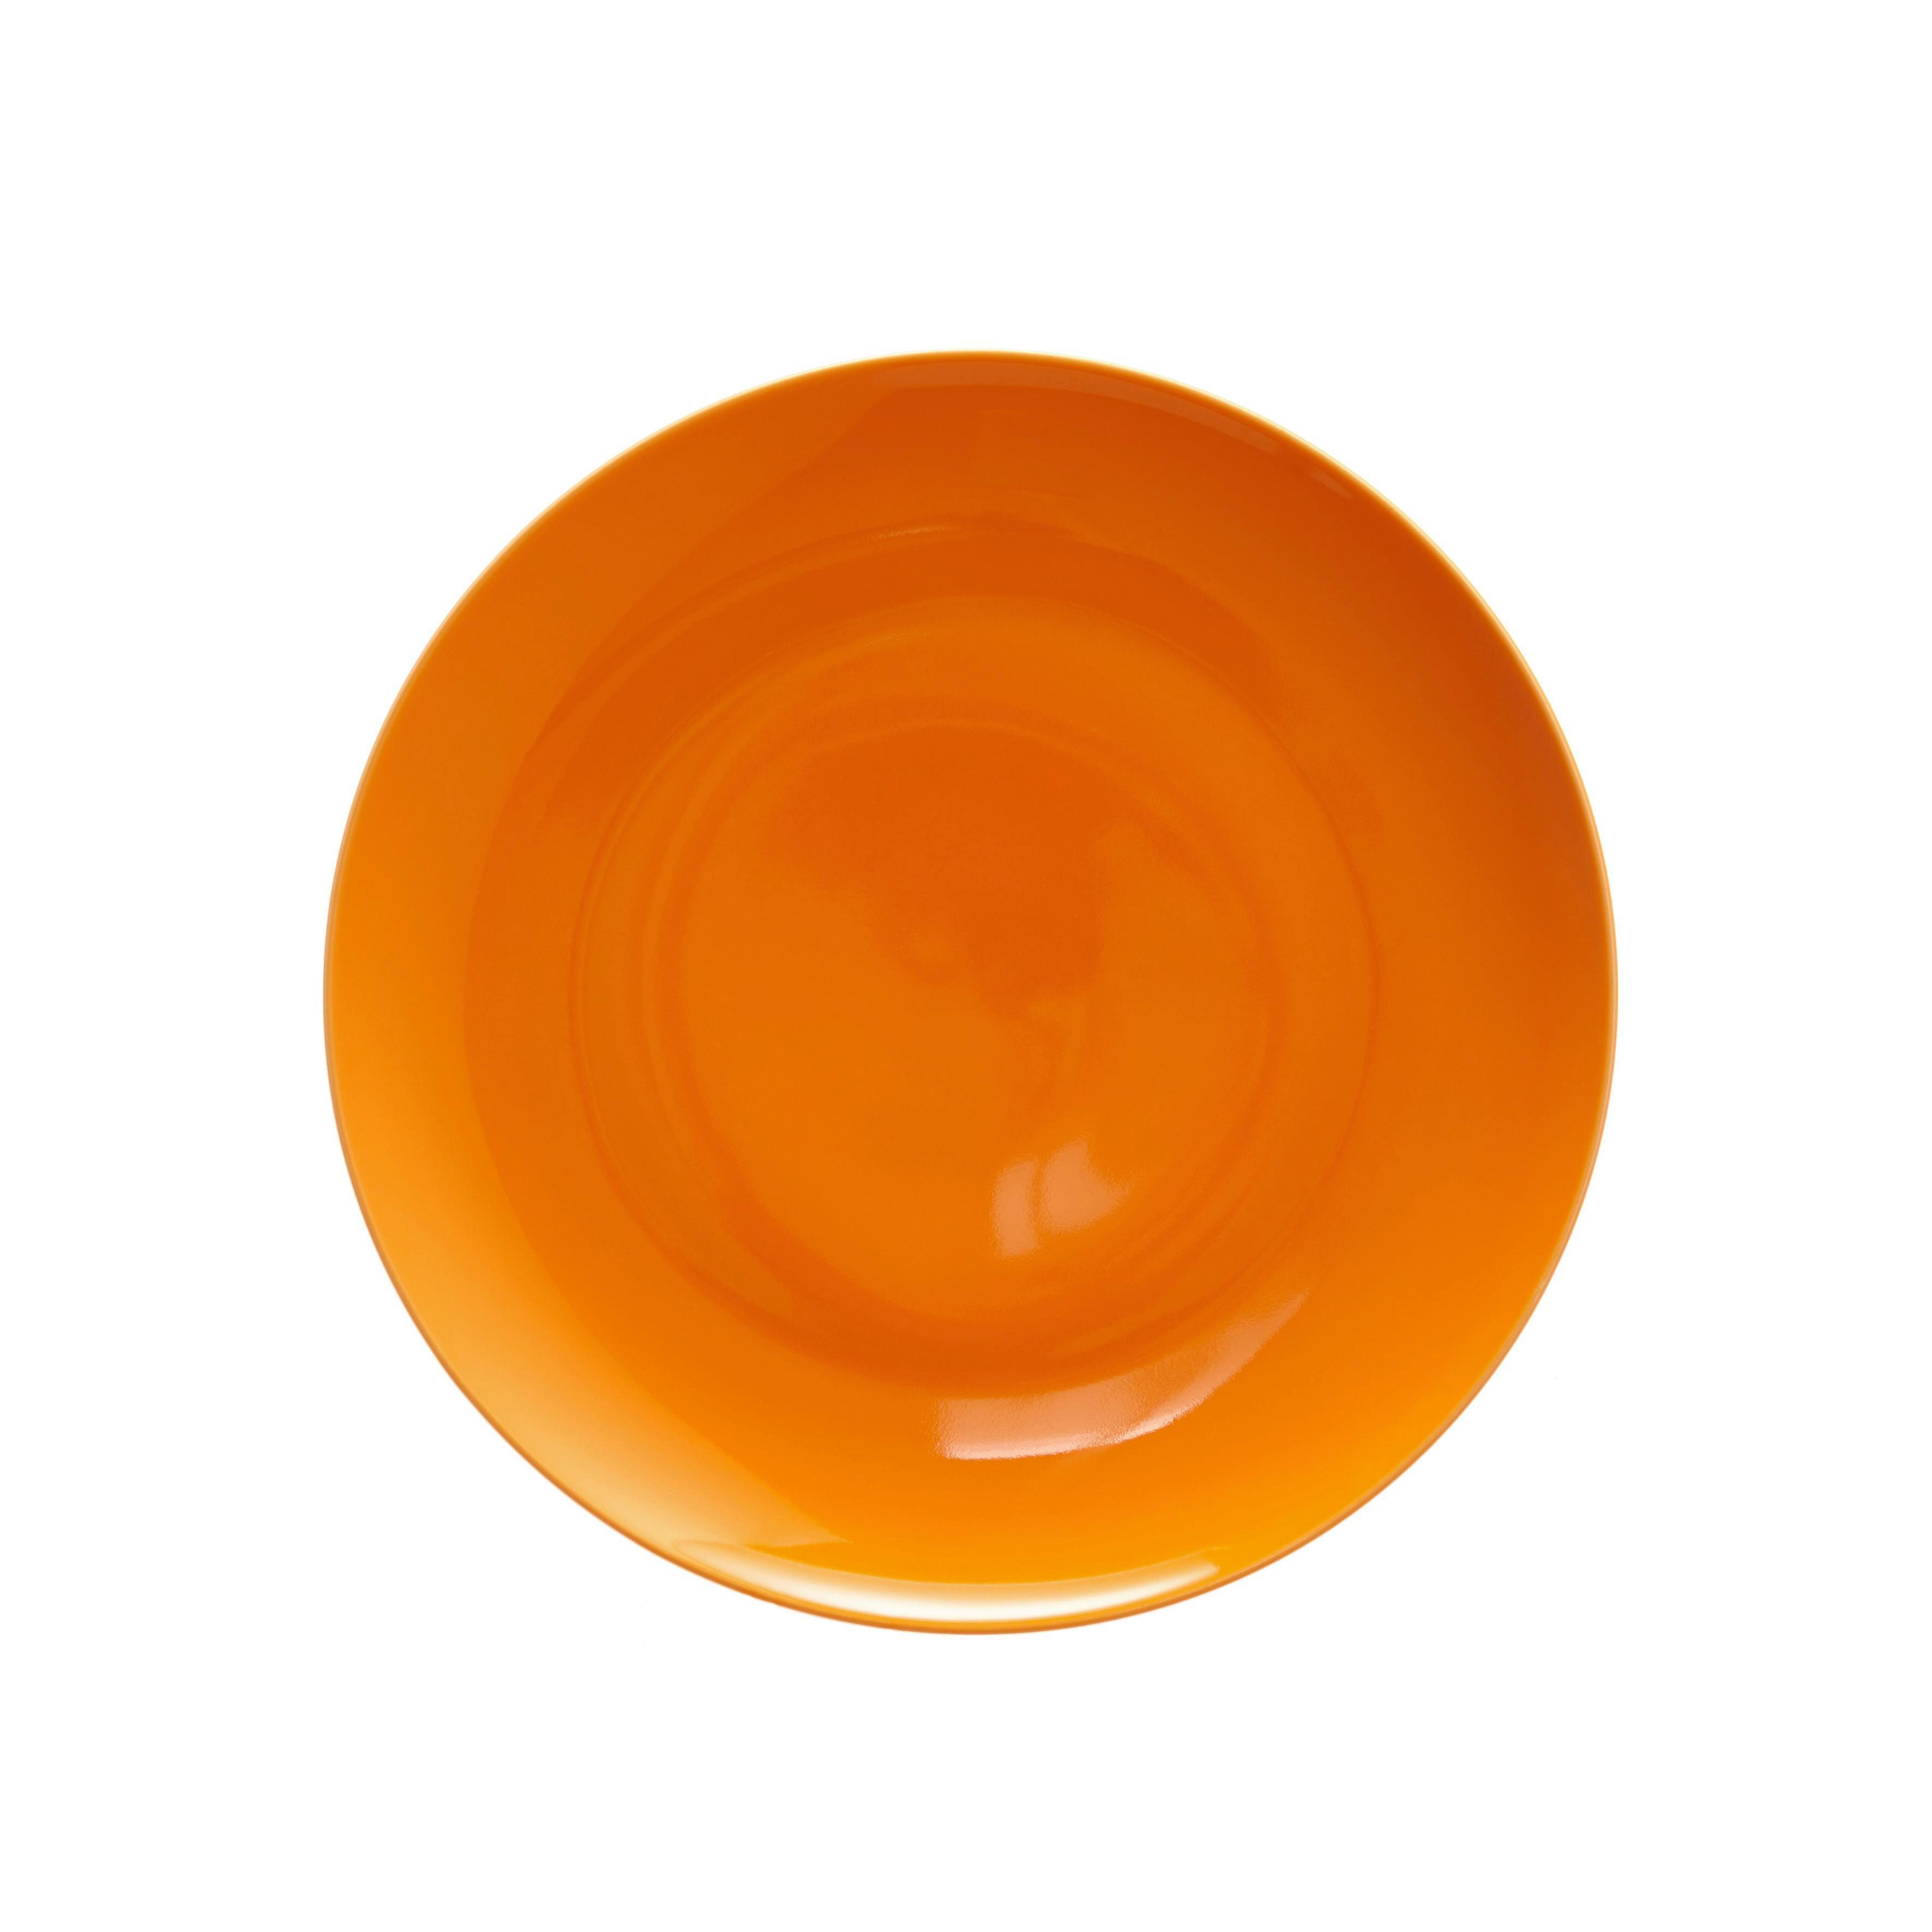 Dessertteller Sandy in Orange aus Keramik - Orange, KONVENTIONELL, Keramik (20,4/1,8cm) - MÖMAX modern living